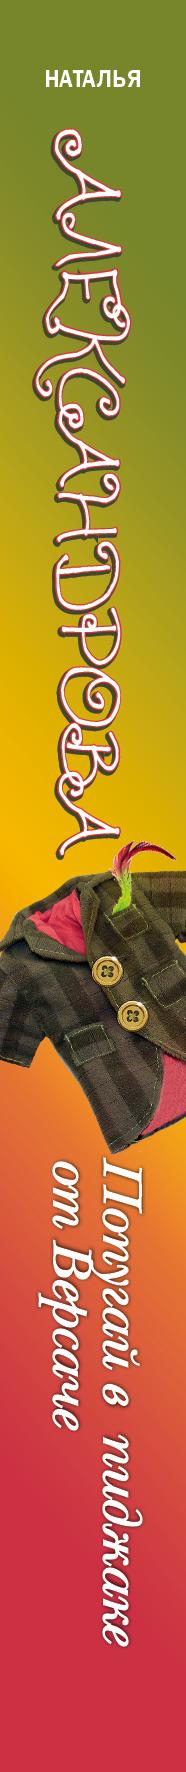 Попугай в пиджаке от Версаче